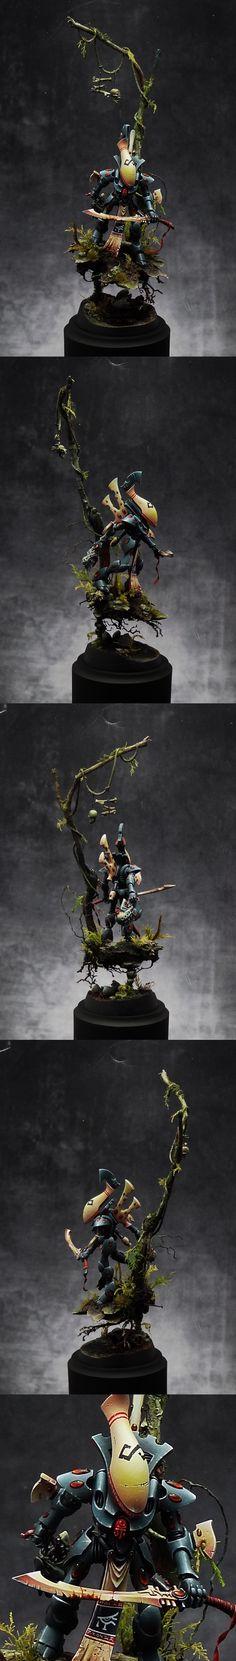 Wraithguard in the Jungle